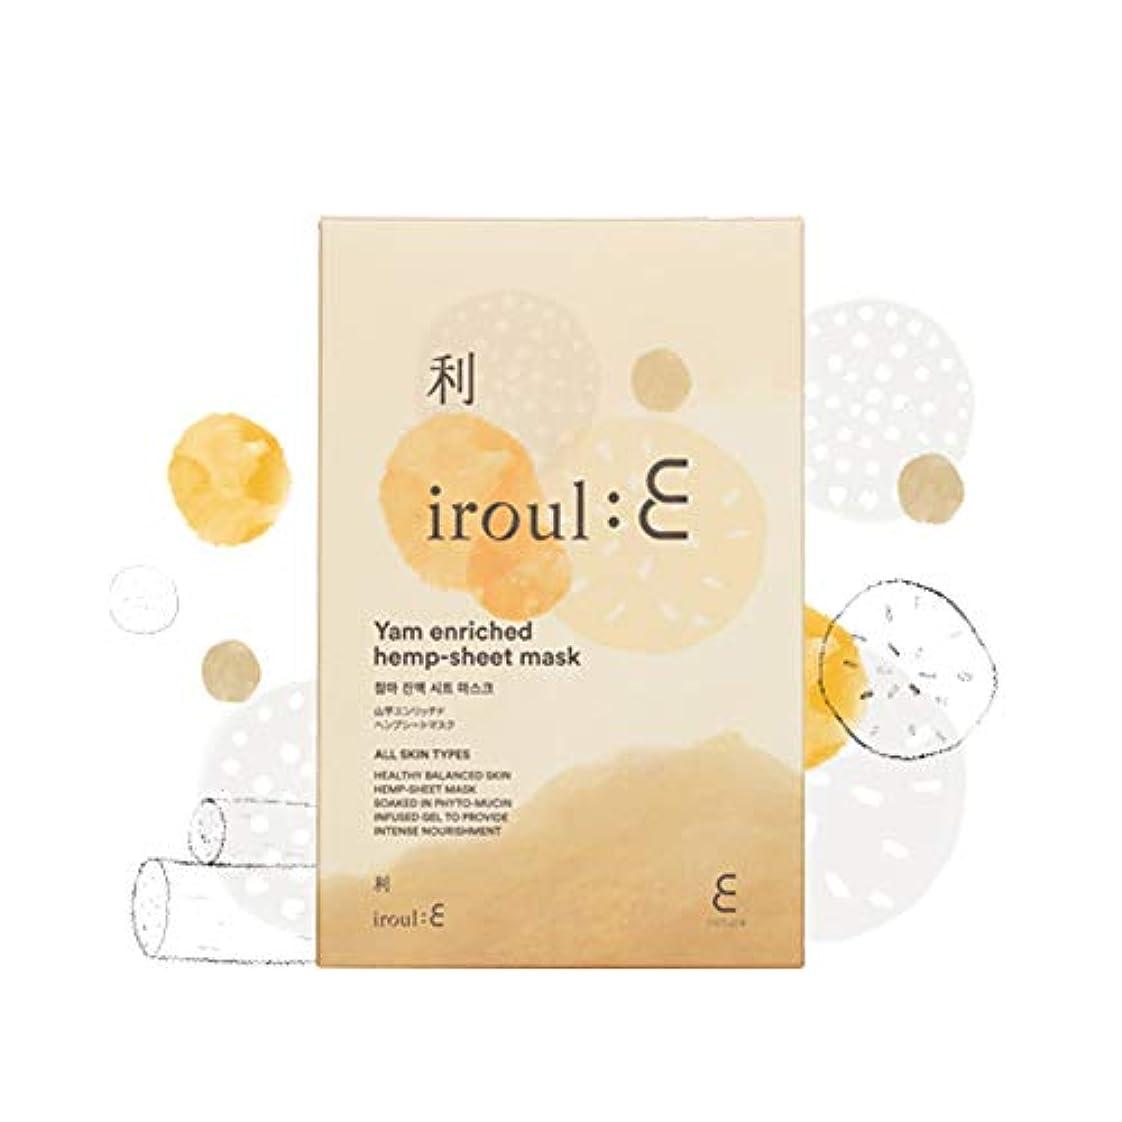 真夜中どういたしまして魅力【ENATURE 日本公式サイト】 Iroul E 山芋エンリッチドヘンプシートマスク 35gx5枚 韓国コスメ スキンケア